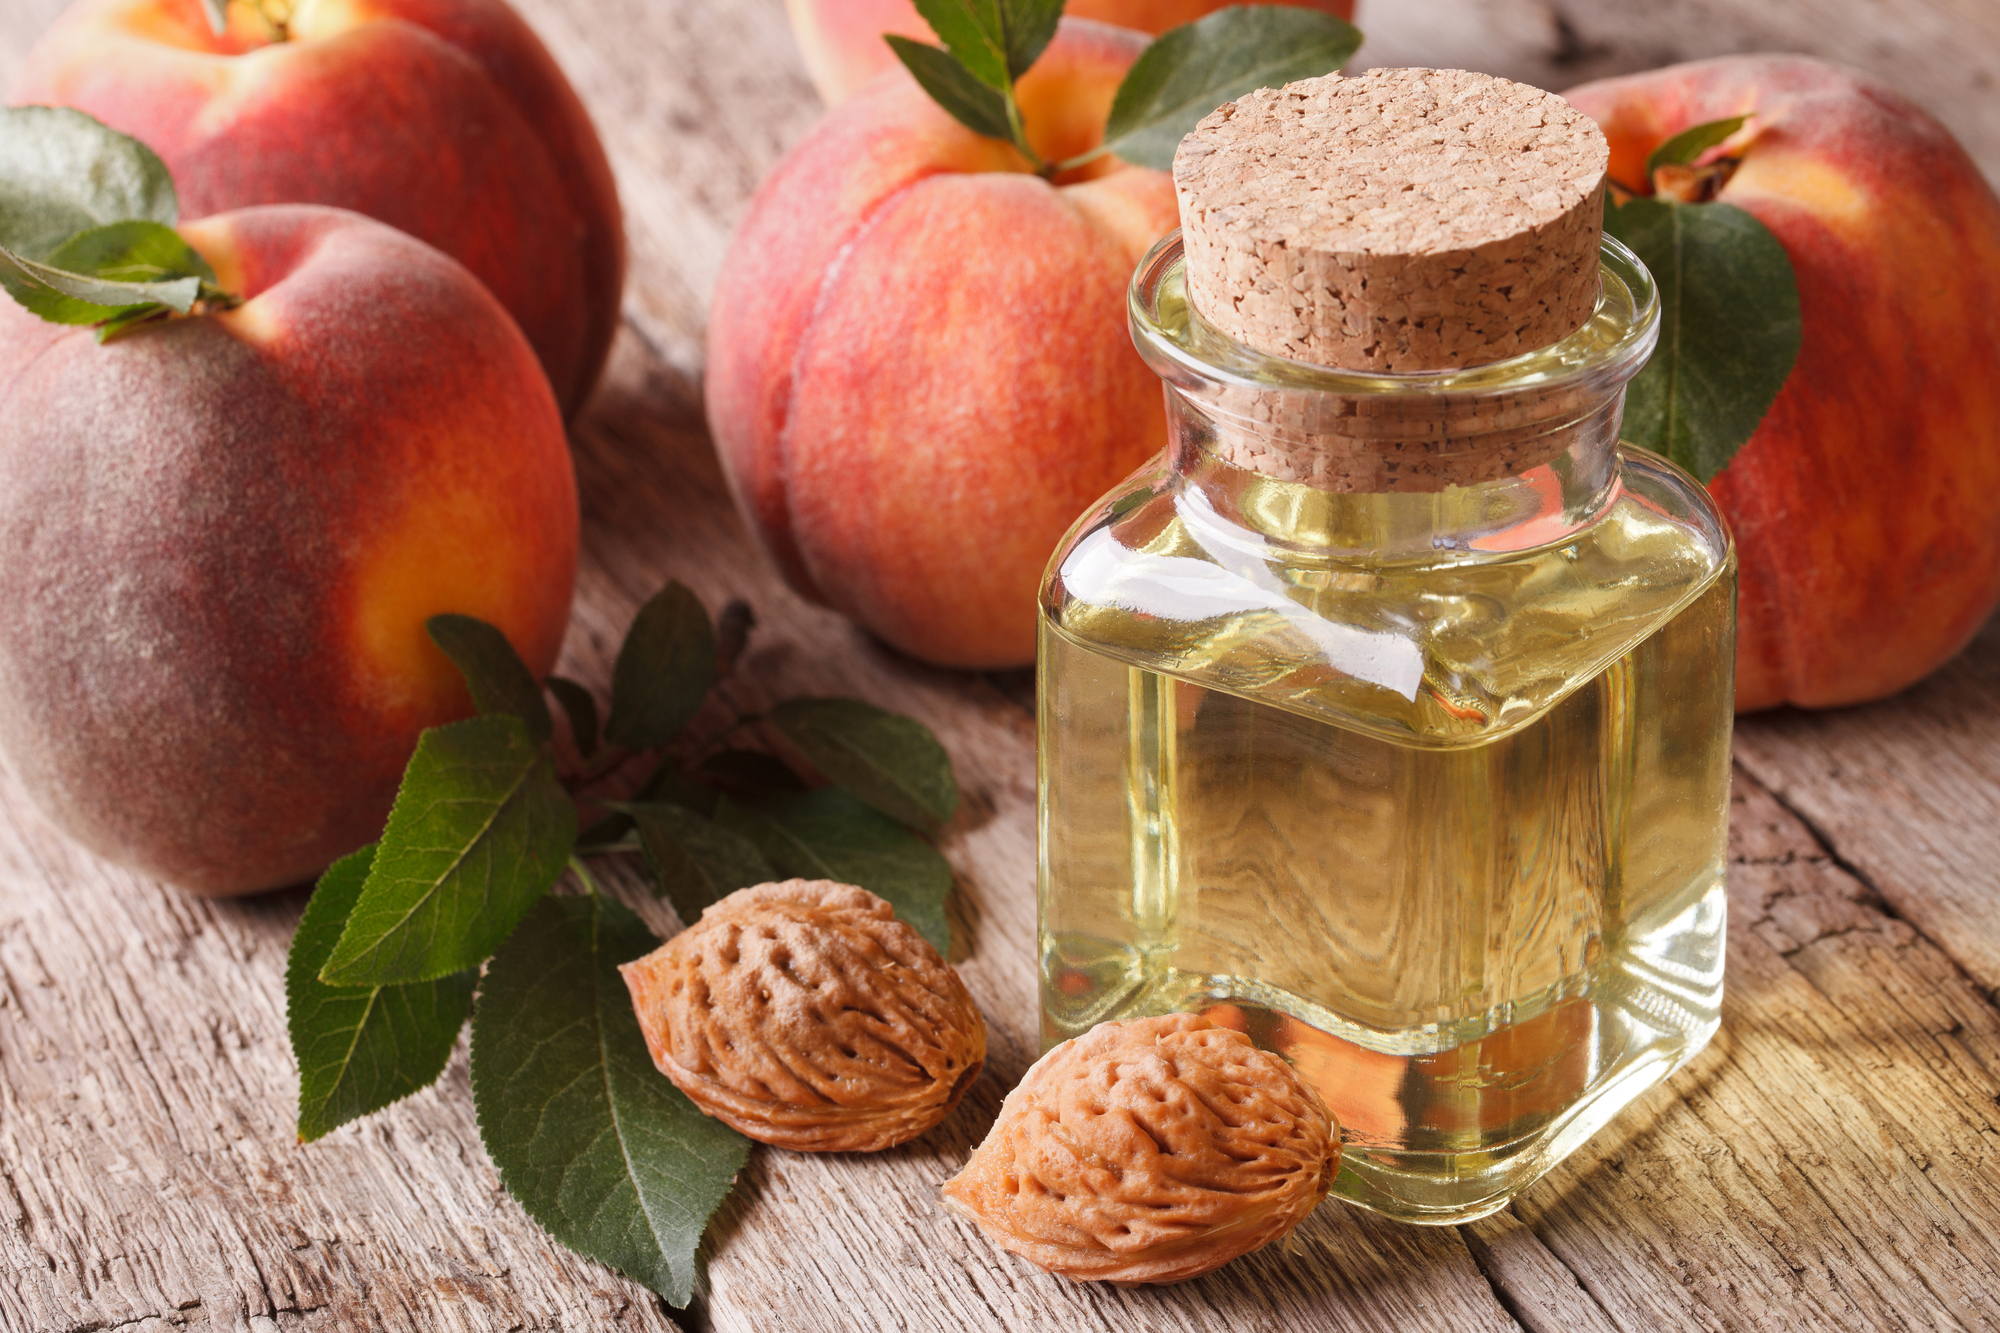 Смотреть Персиковое масло для лица: рецепты масок, крем, противопоказания, отзывы с фото до и после видео